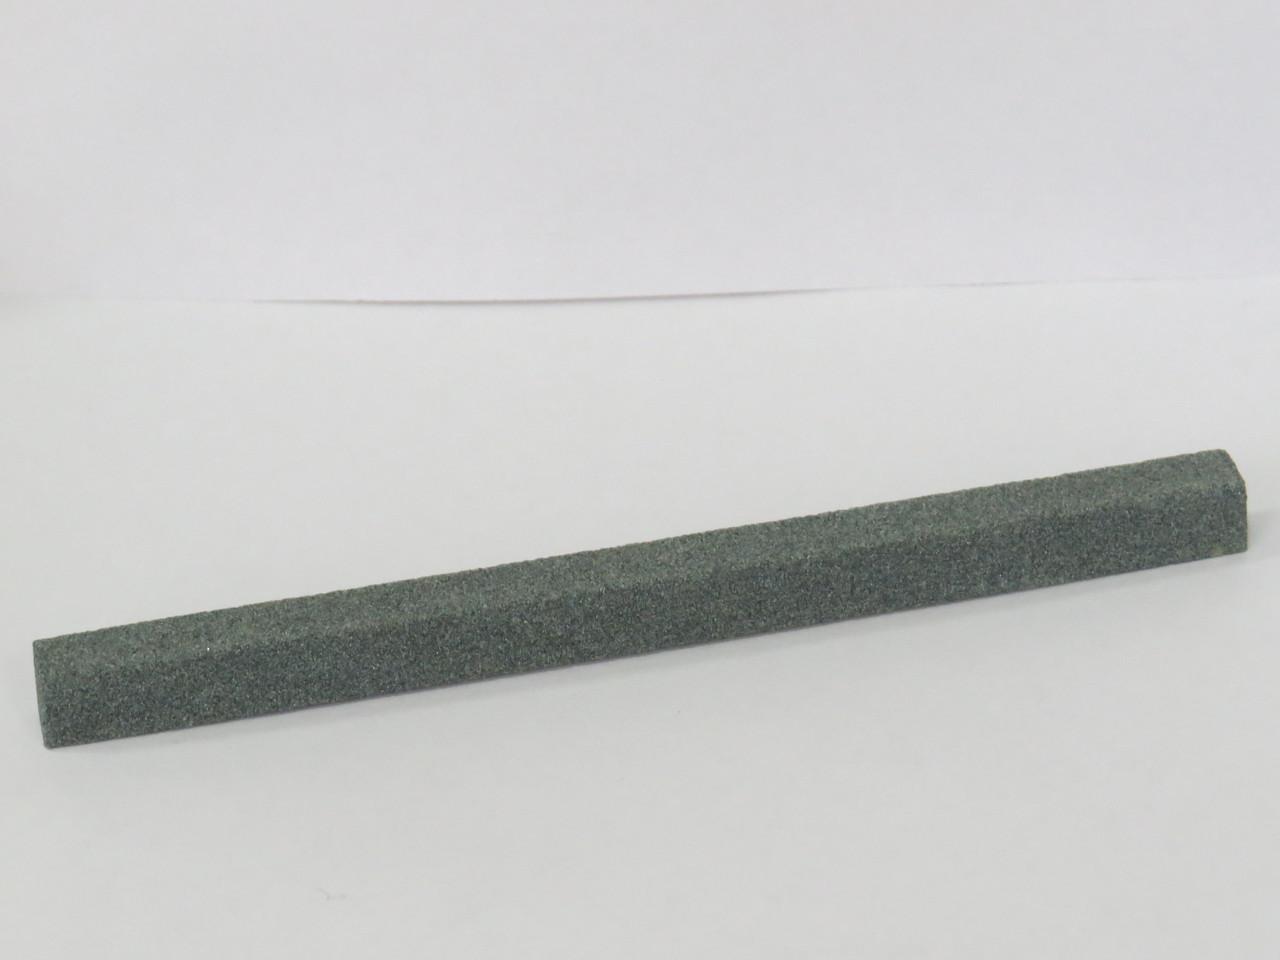 Абразивный шлифовальный брусок 10х10х150 Р8 64С (F150) СМ